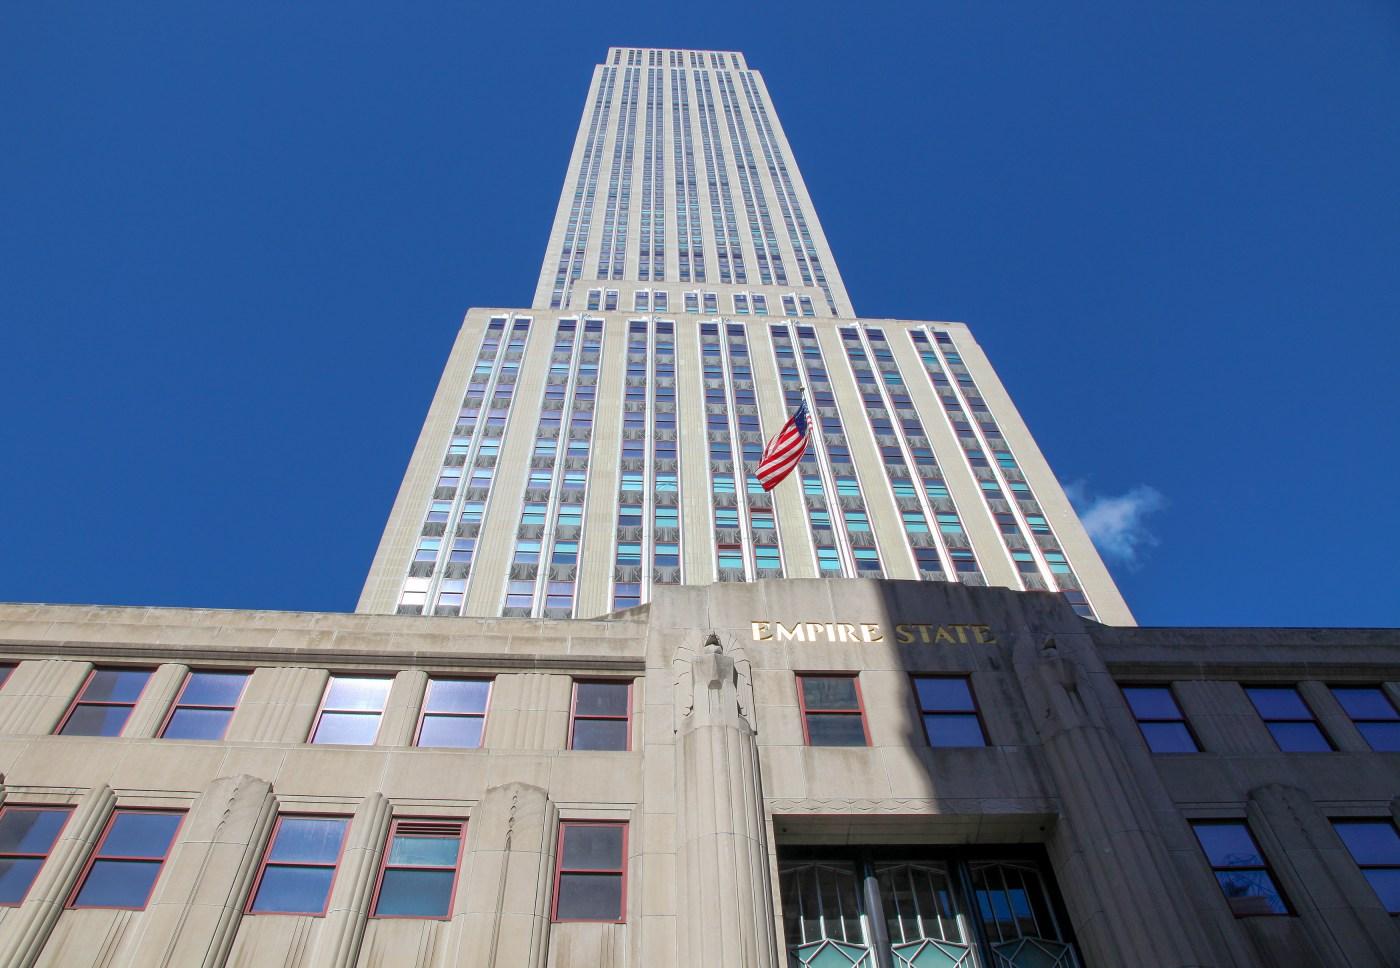 Entrada al Empire State Building